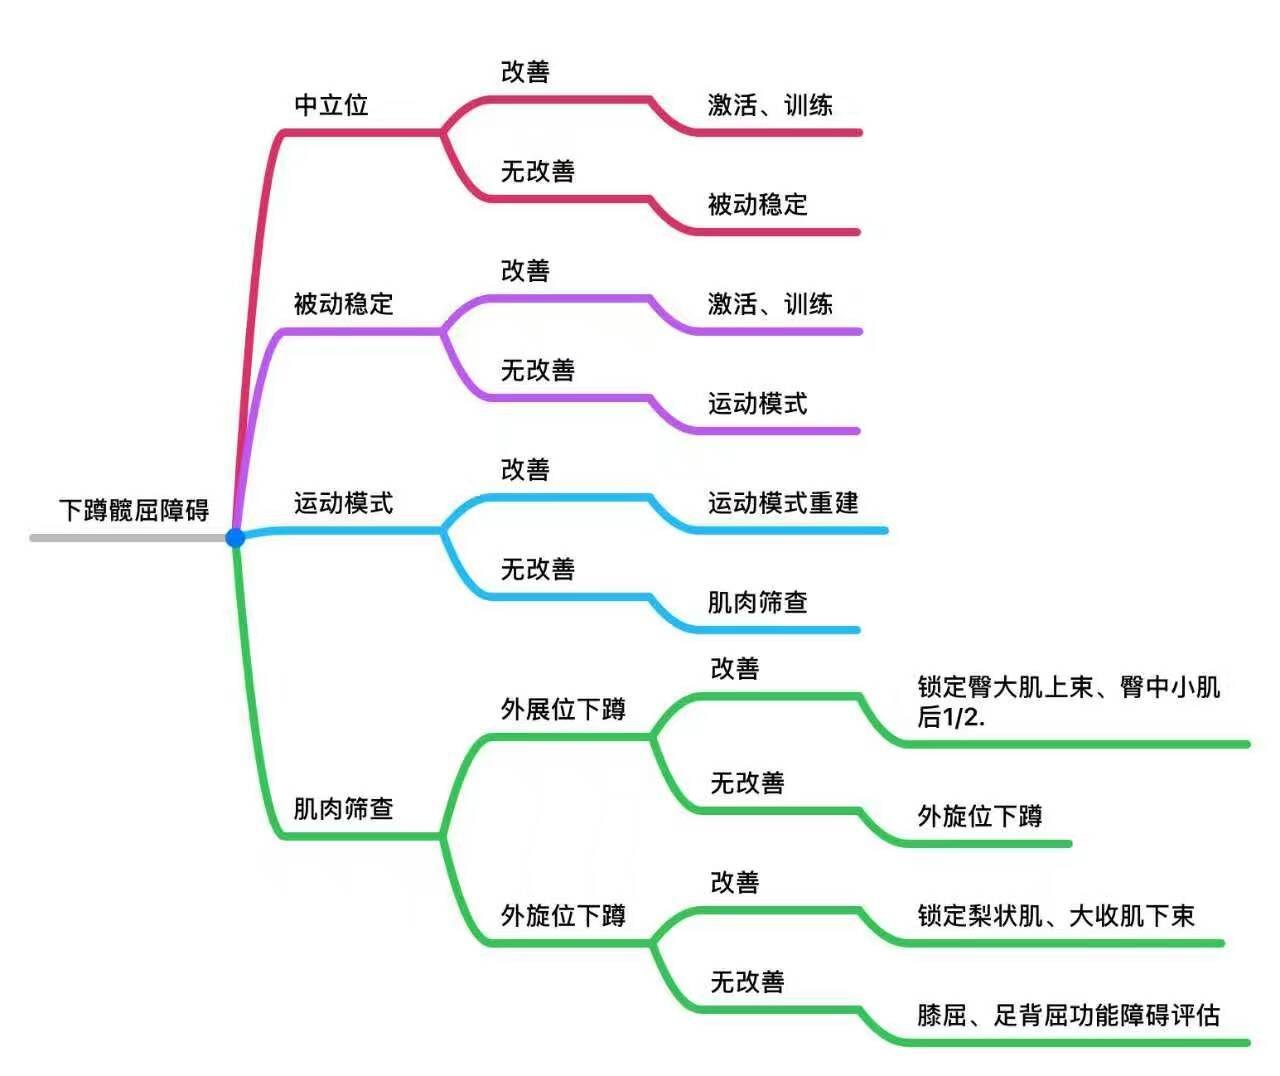 2016.12苗振寛骨膝授業と録音特色ビデオ漢方網伝